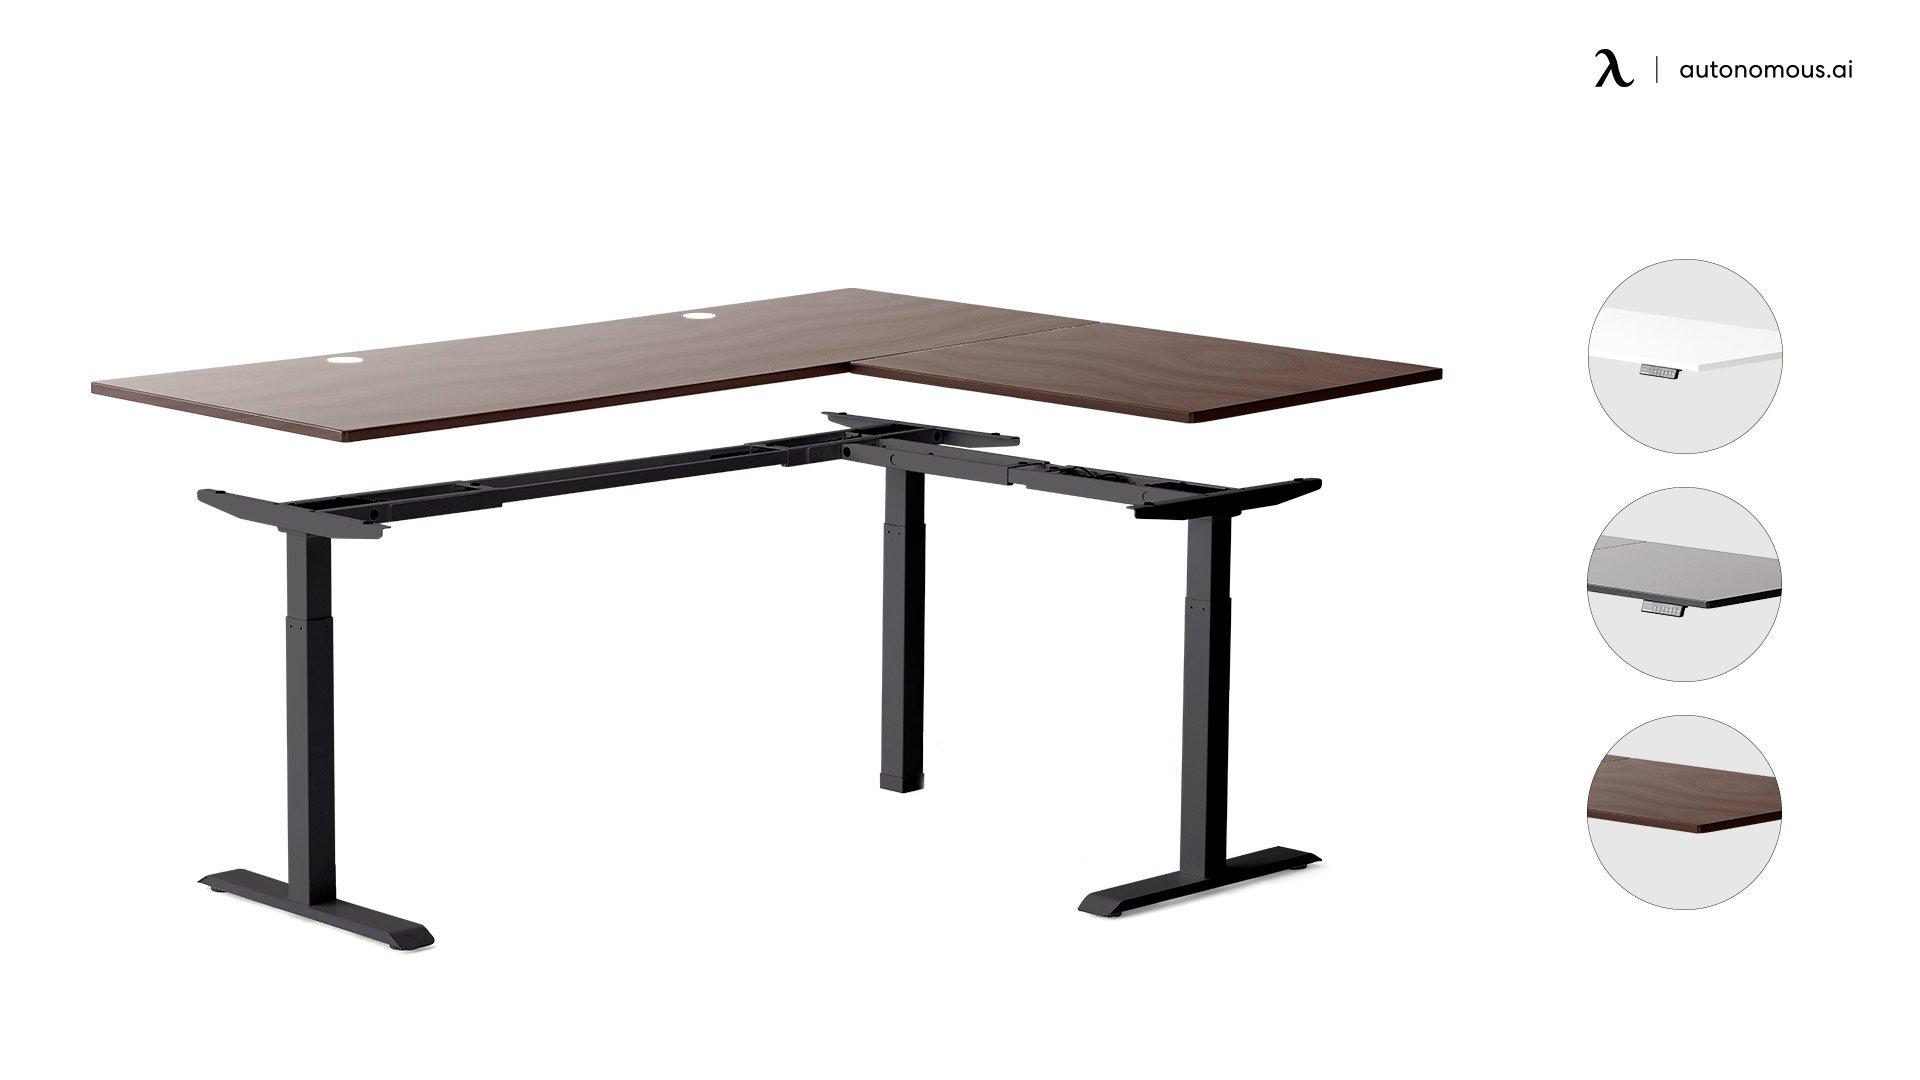 DIY Adjustable Standing Desk Frame Kit